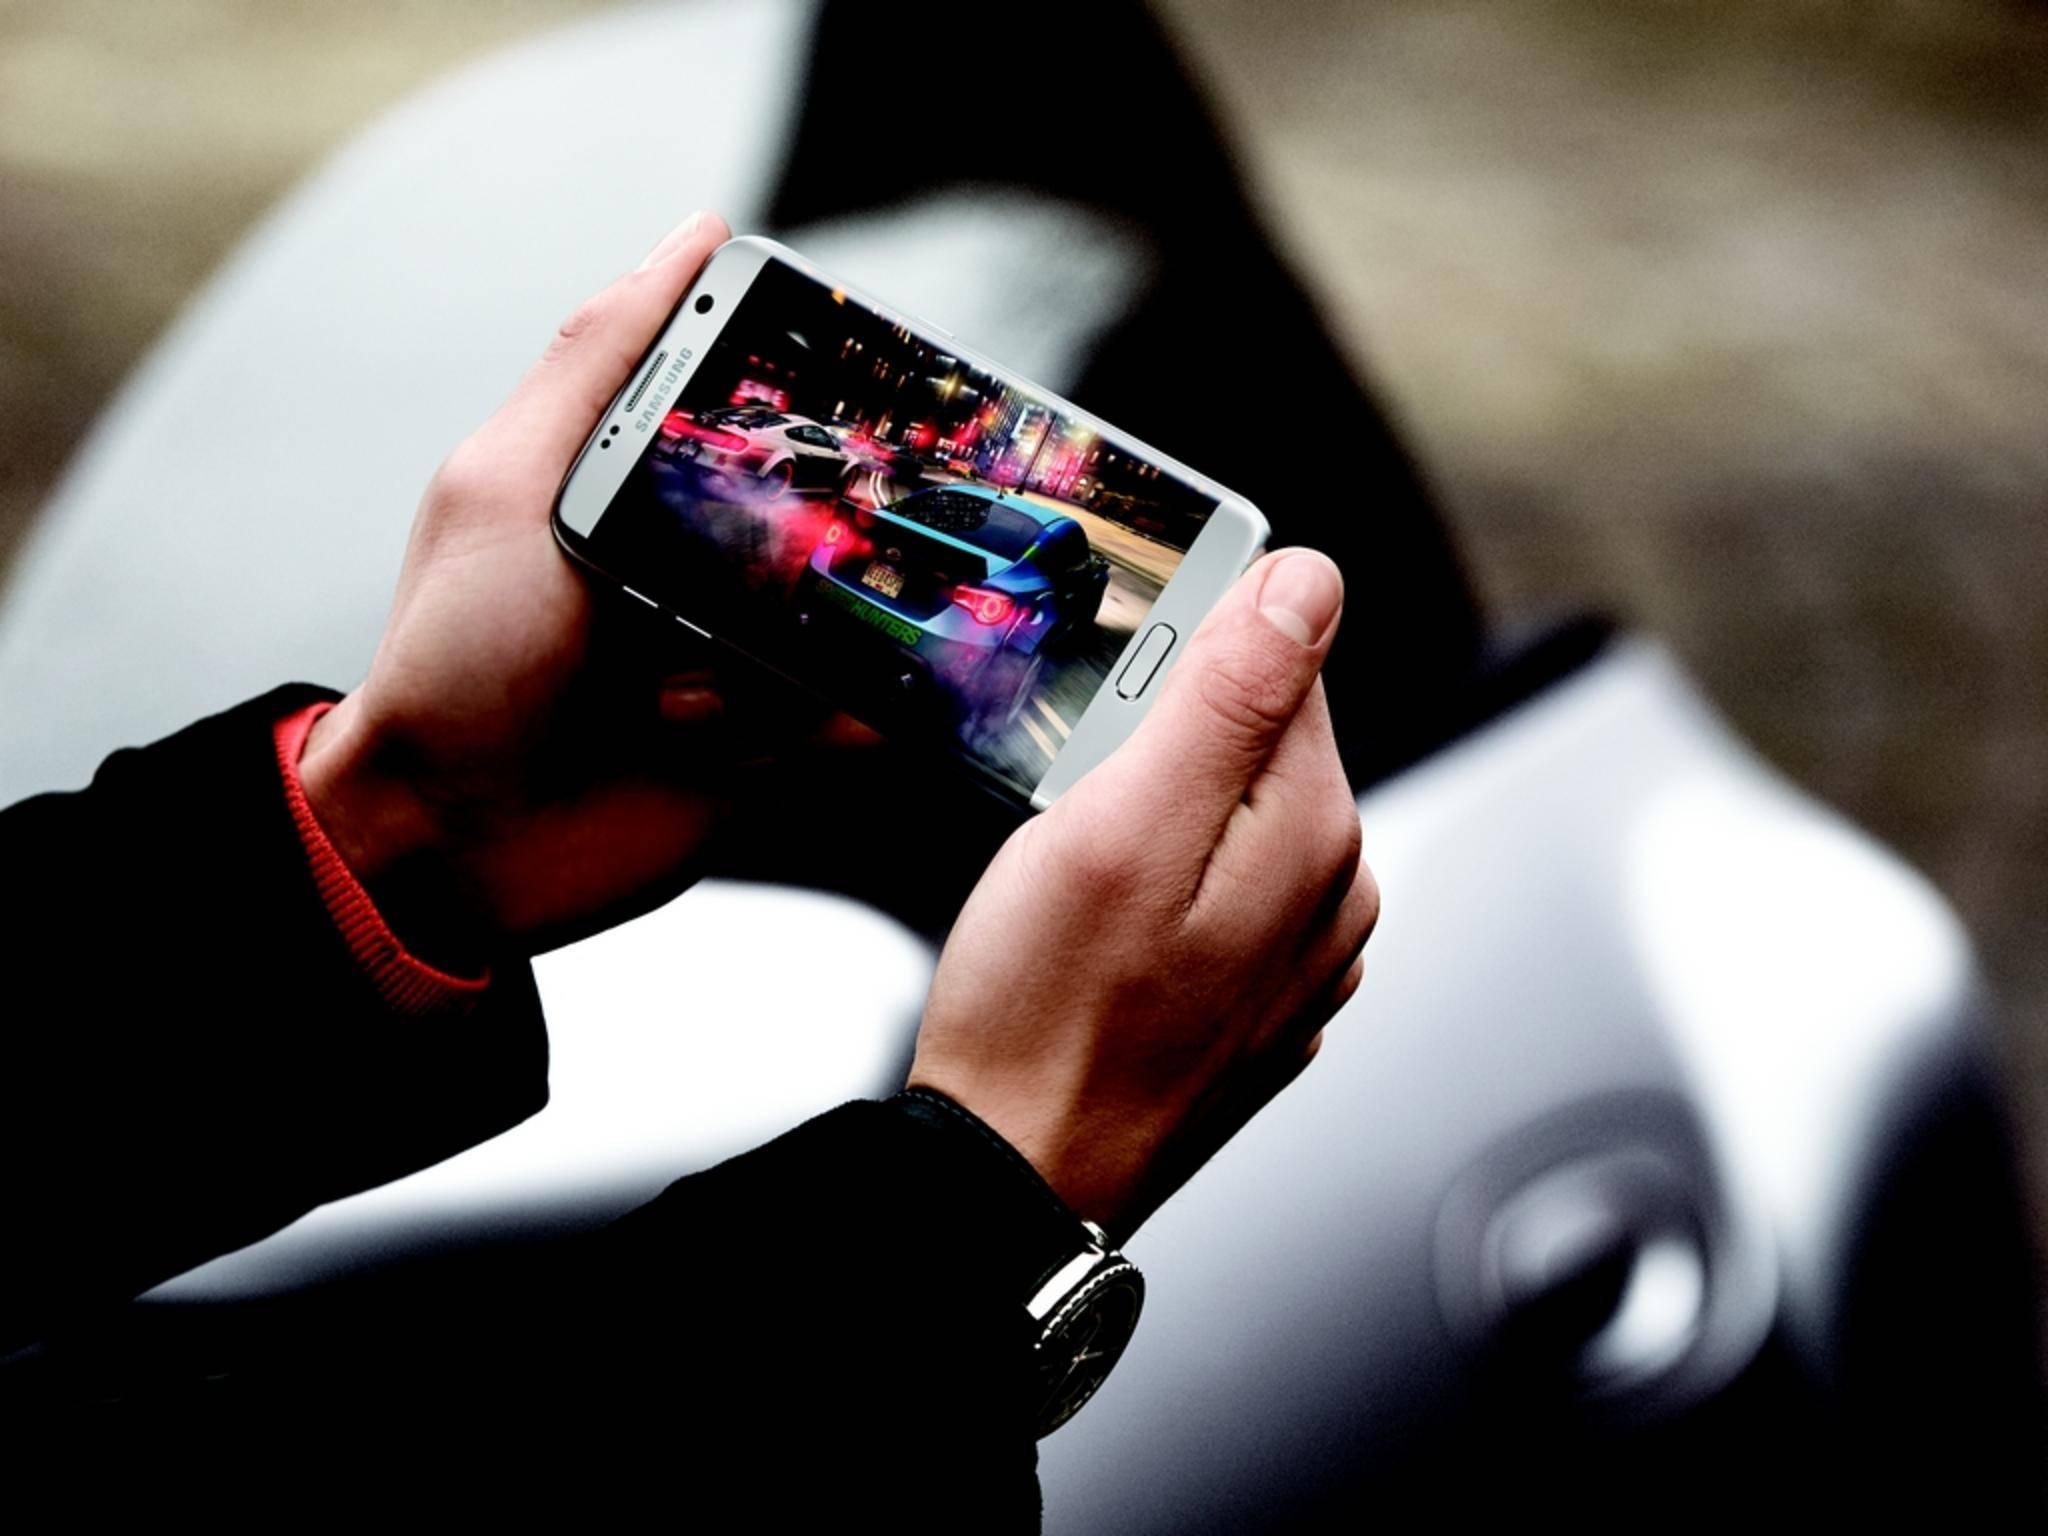 Höhere Auflösung, andere Technik als beim iPhone 6s Plus: das Display des Galaxy S7 Edge.